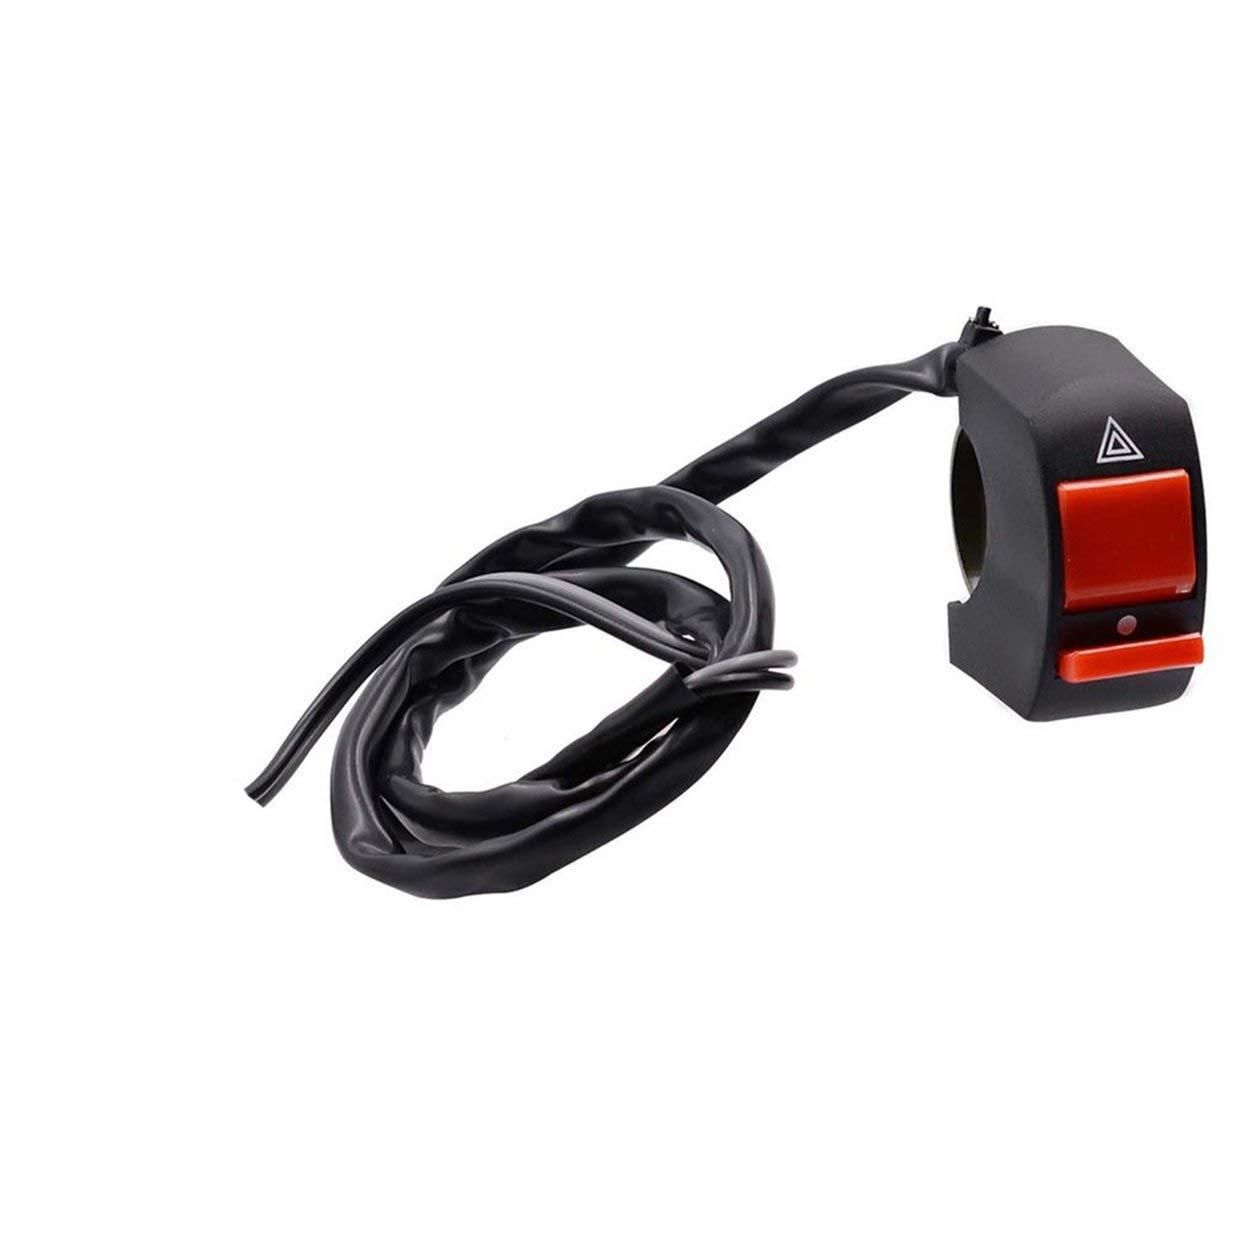 Manubrio per moto ATV con interruttore per luce di segnalazione 7//8